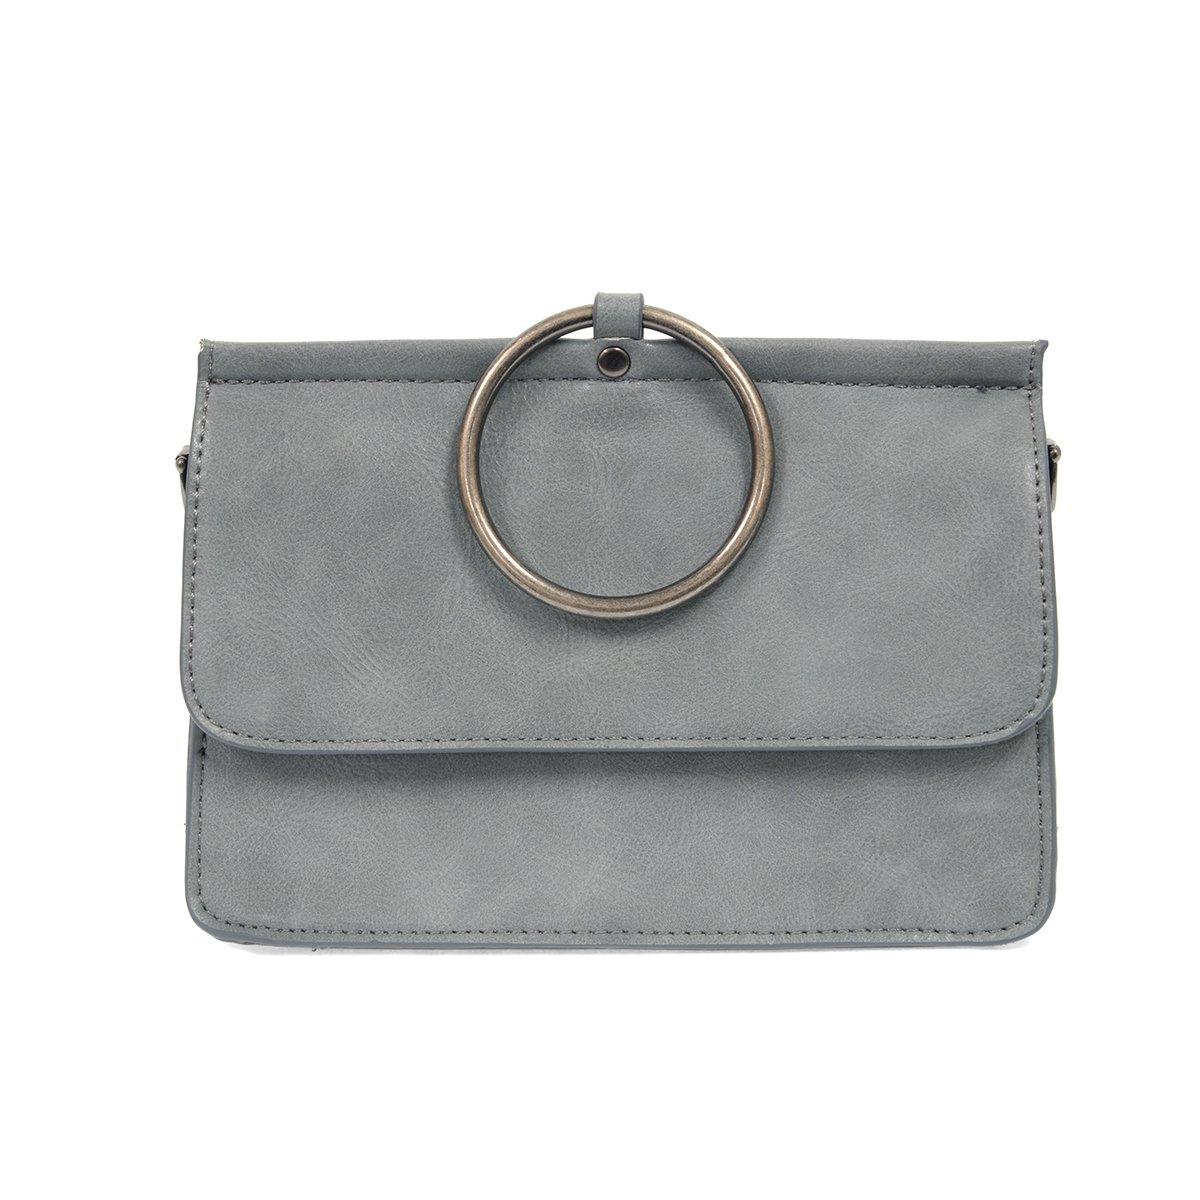 Joy Susan Ring Bag - Chambray